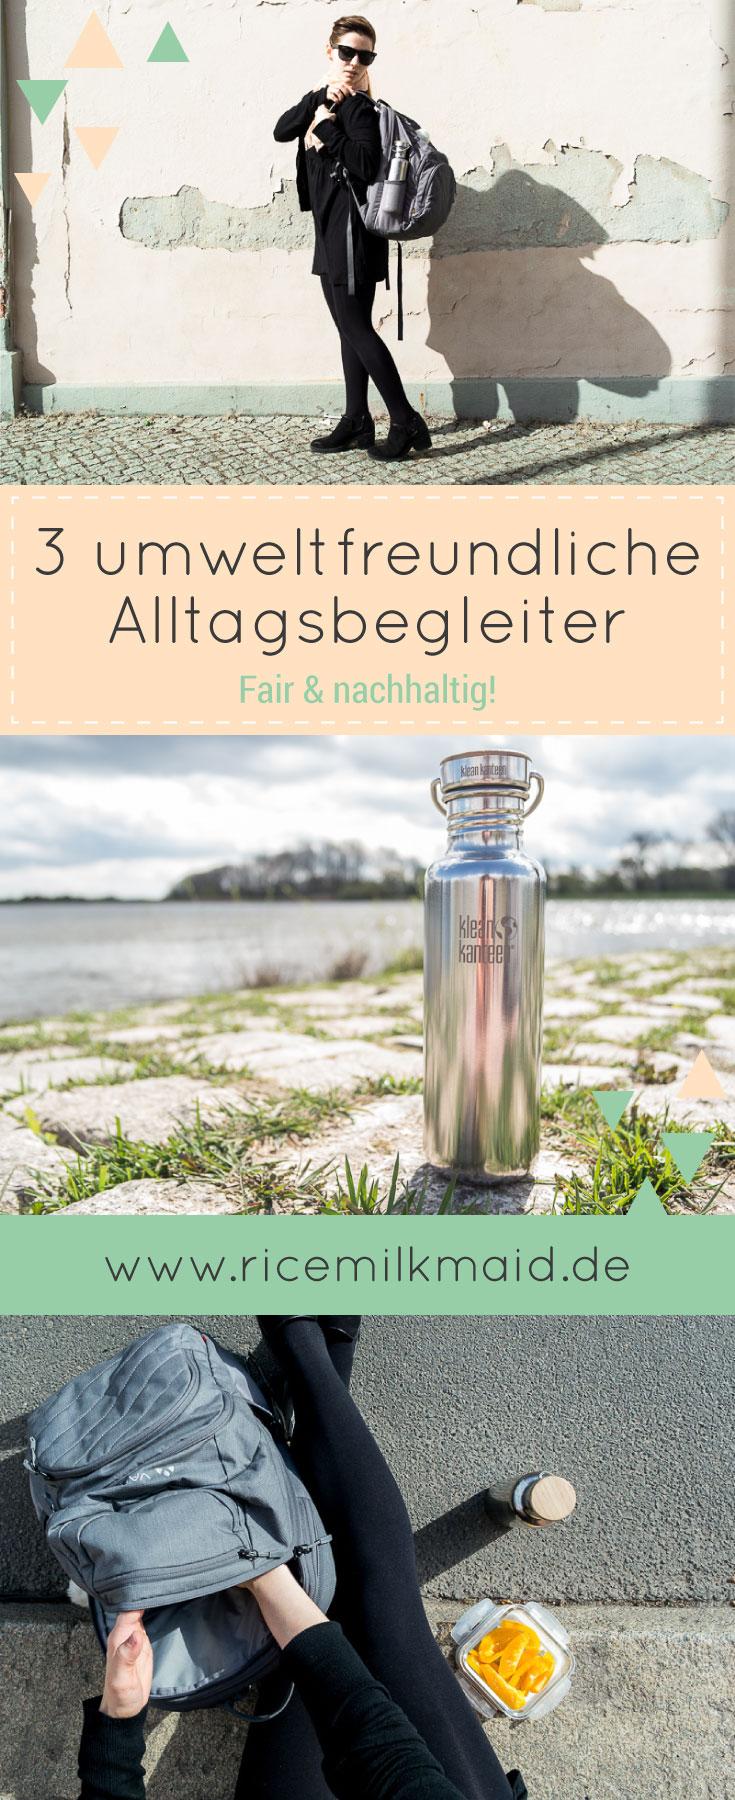 Ricemilkmaid Blog: Drei umweltfreundliche Alltagsbegleiter | VAUDE Rucksack, Klean Kanteen Edelstahl-Flasche und Glas-Vorratsdosen